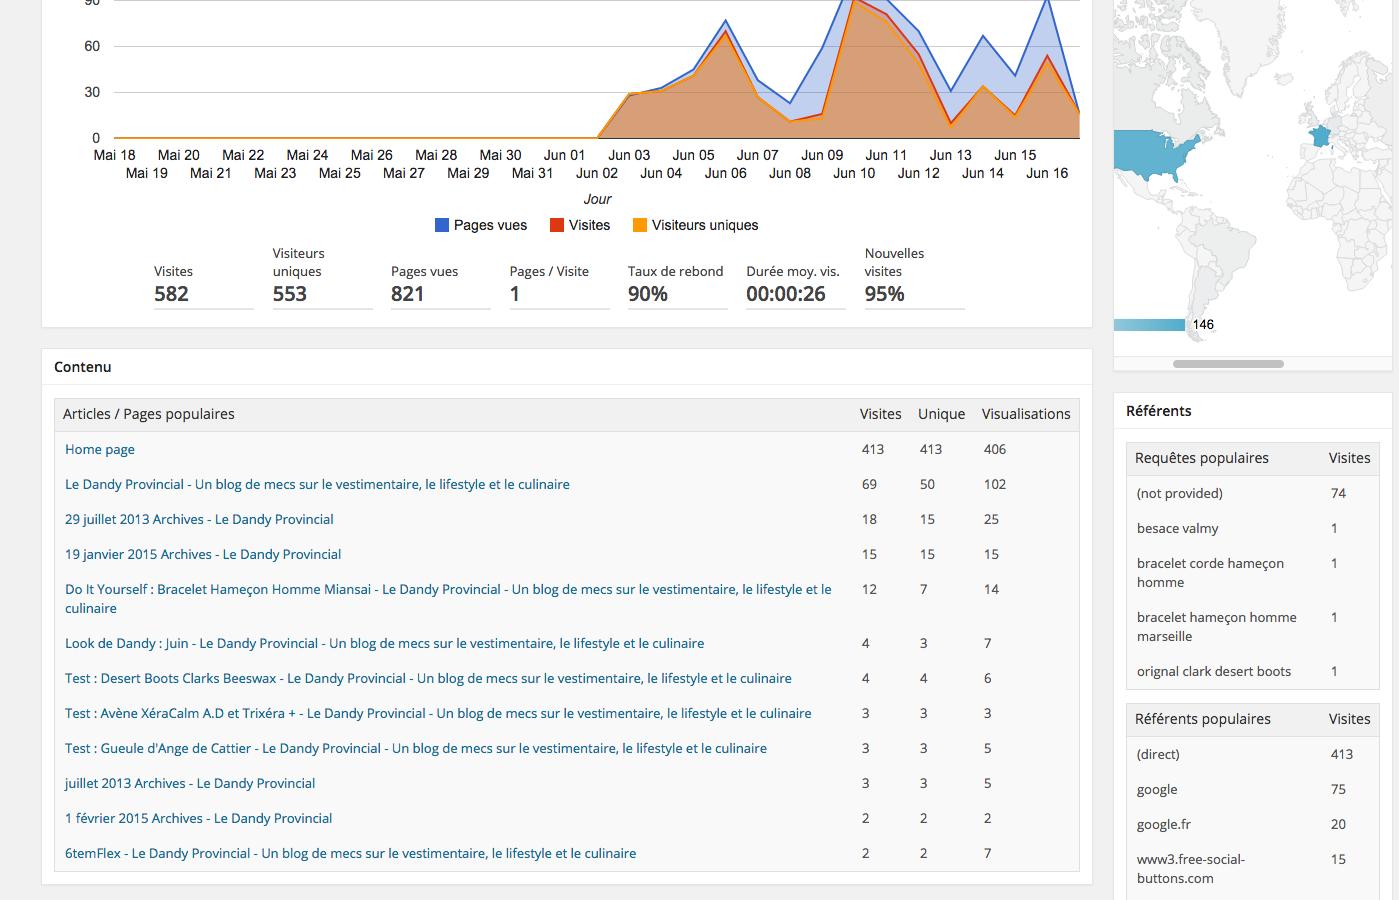 Exemple de statistiques de visites sur un site 6temFlex